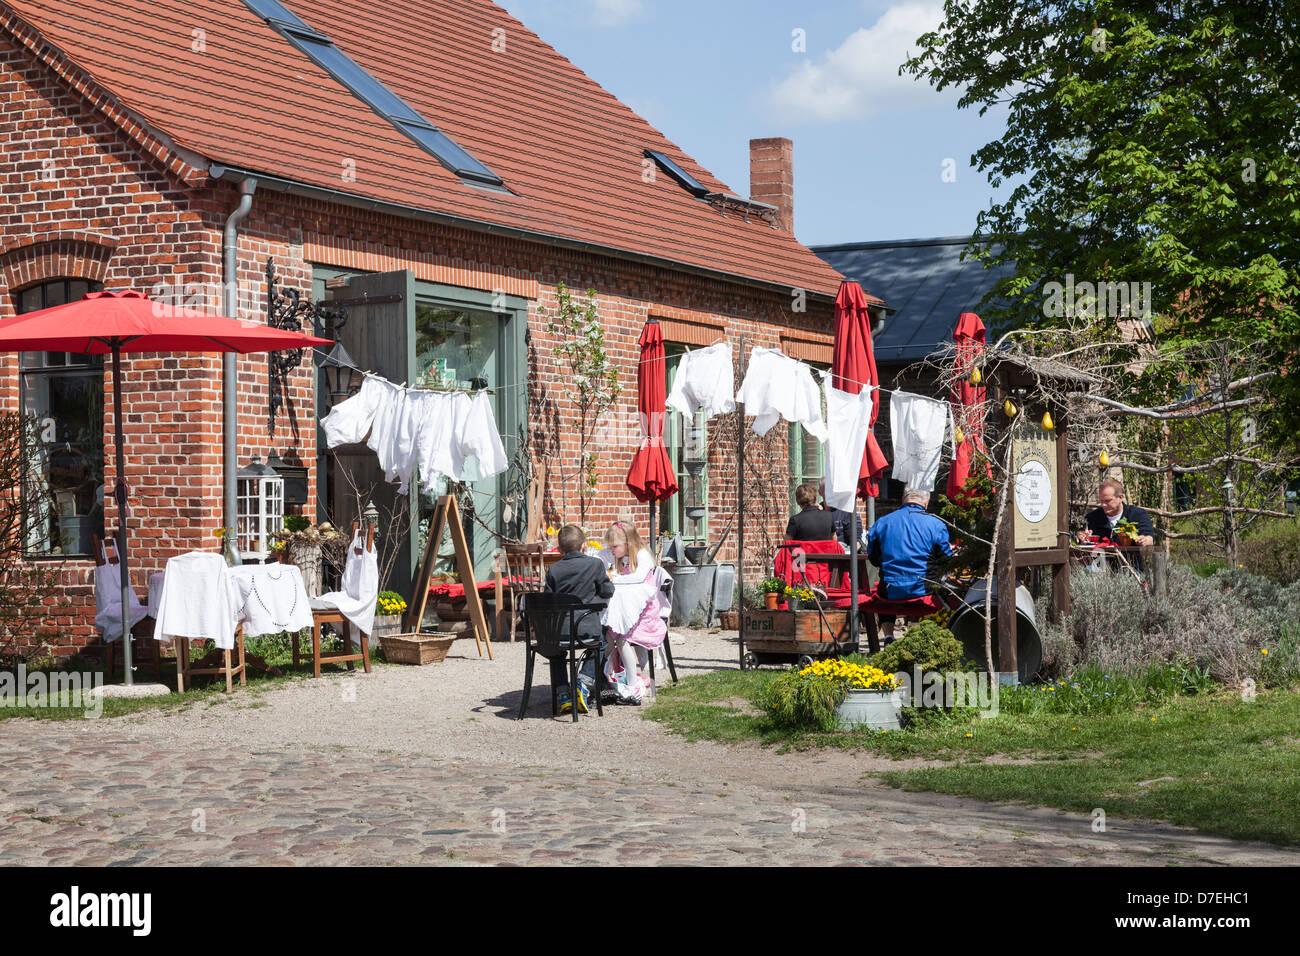 Im Alten Waschhaus Restaurant, Ribbeck, Havelland, Brandenburg, Deutschland Stockbild